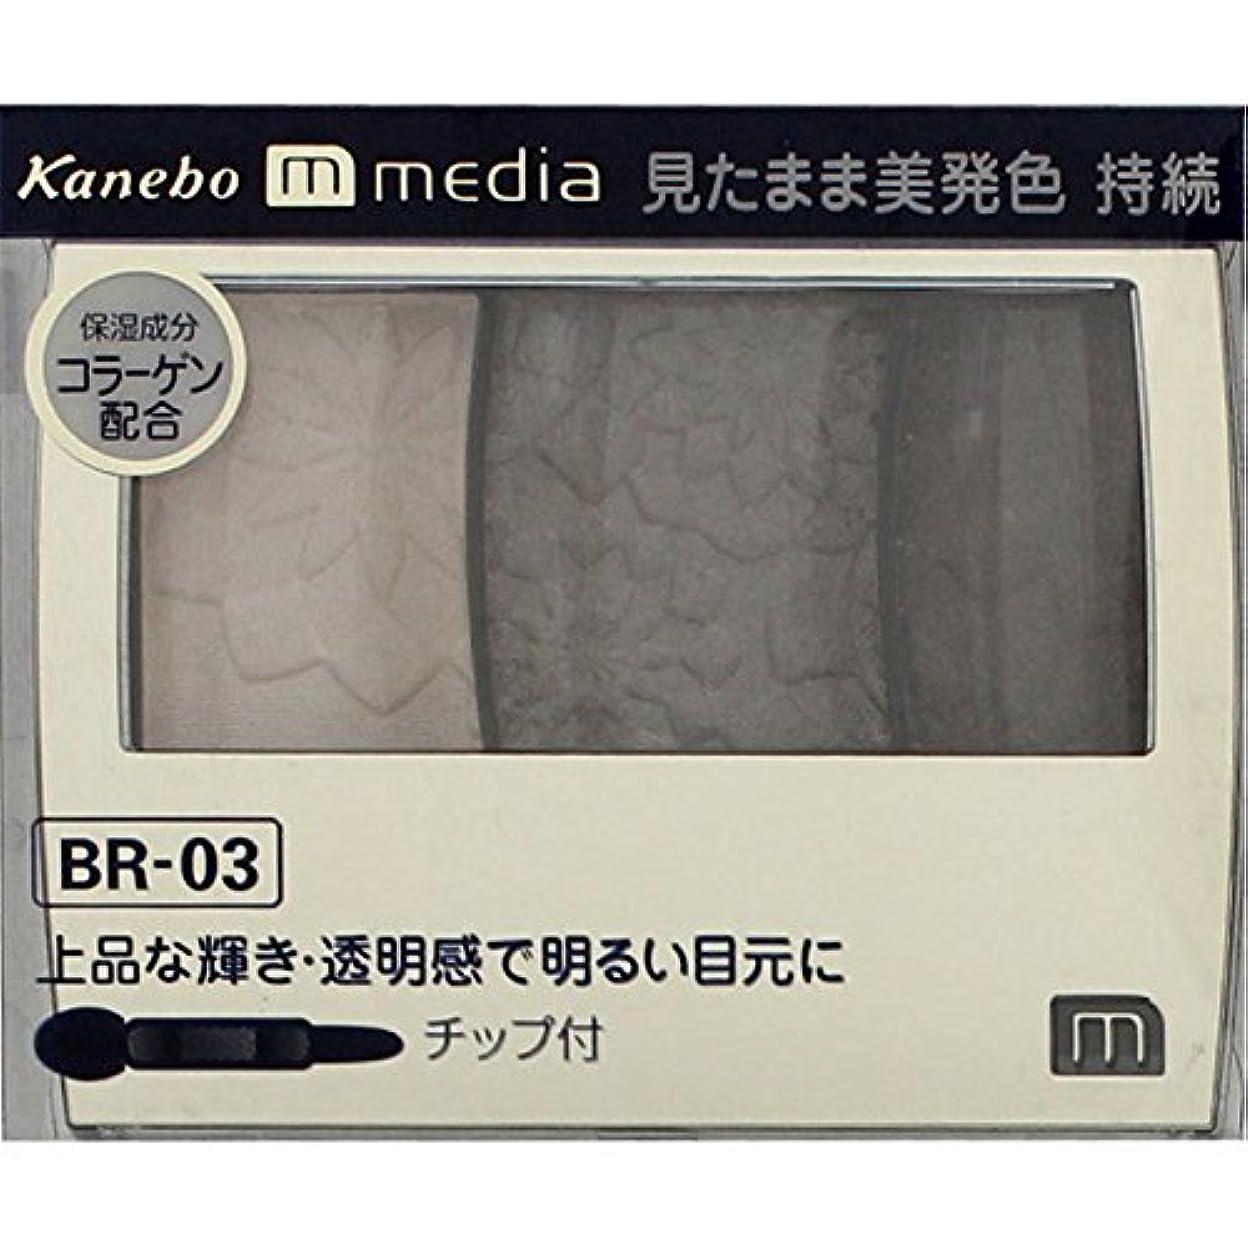 アフリカほこりっぽい不安定【カネボウ】 メディア グラデカラーアイシャドウ BR-03